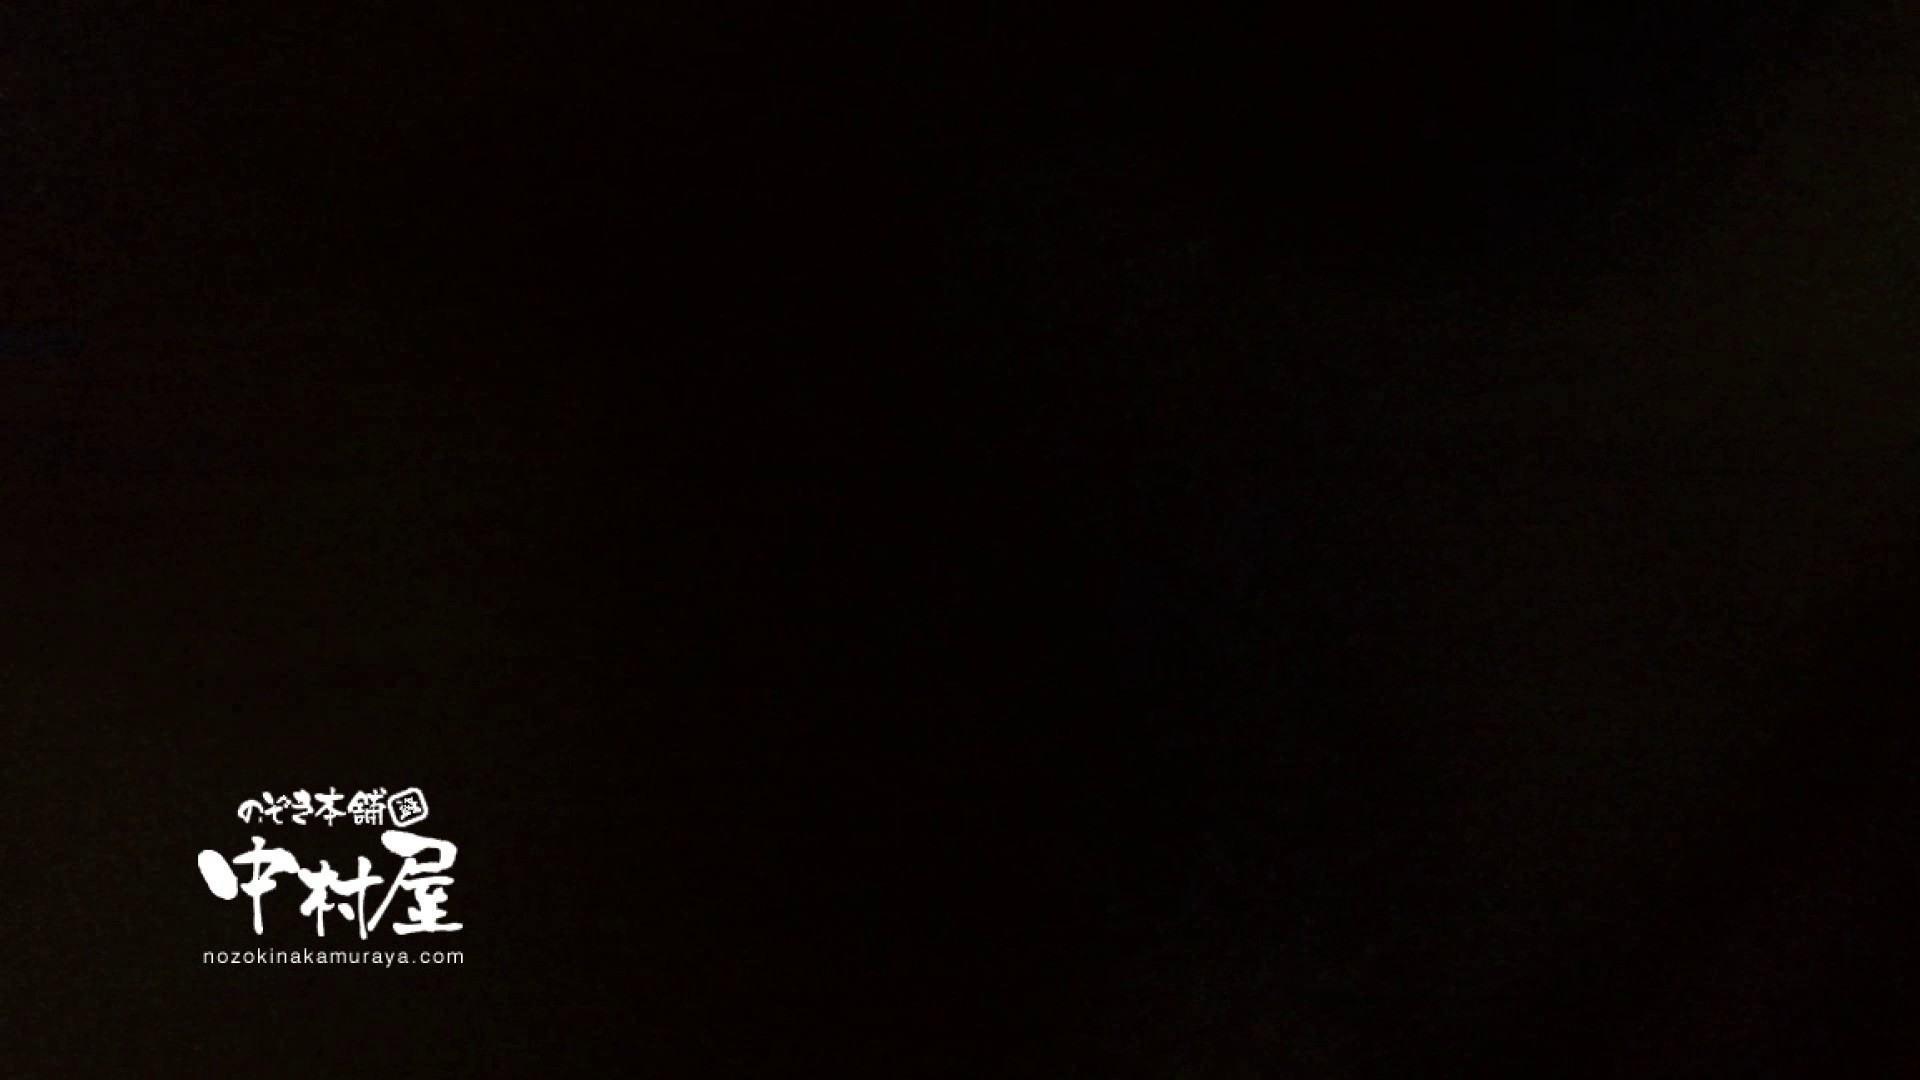 鬼畜 vol.10 あぁ無情…中出しパイパン! 後編 鬼畜 隠し撮りおまんこ動画流出 100PICs 43